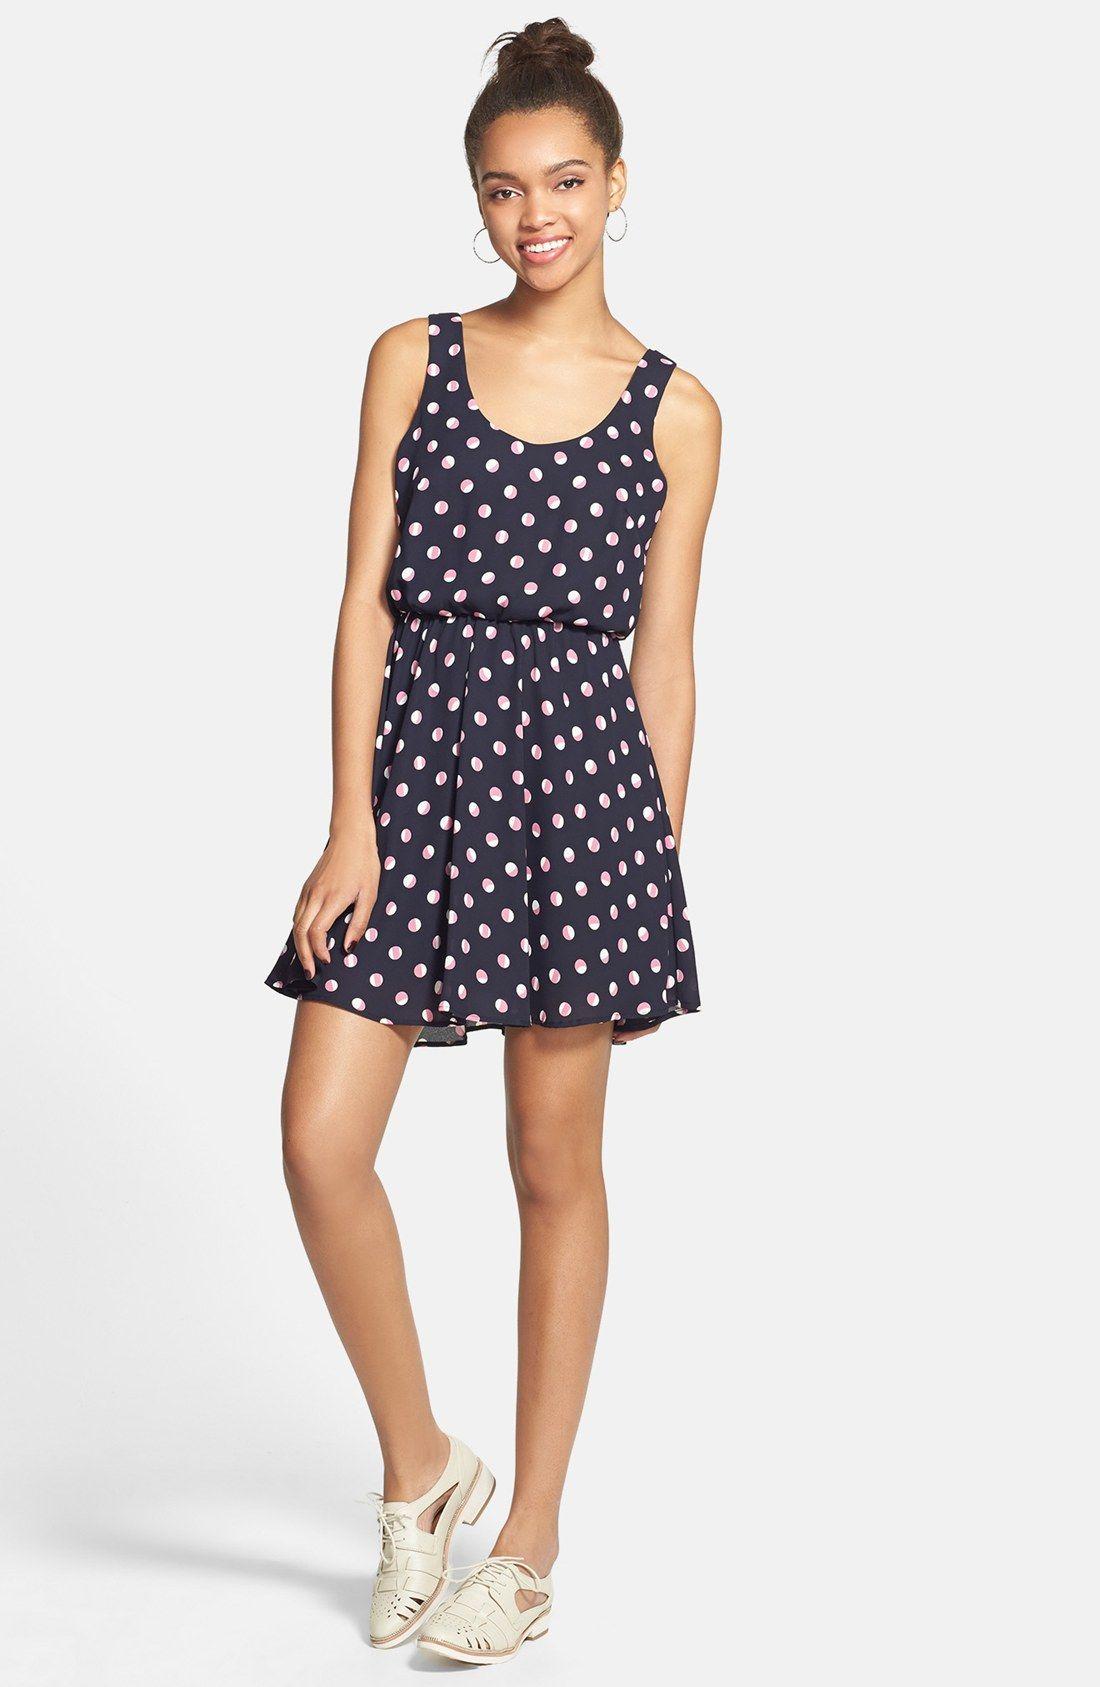 Wear you Trendswould a peekaboo lace dress fotos